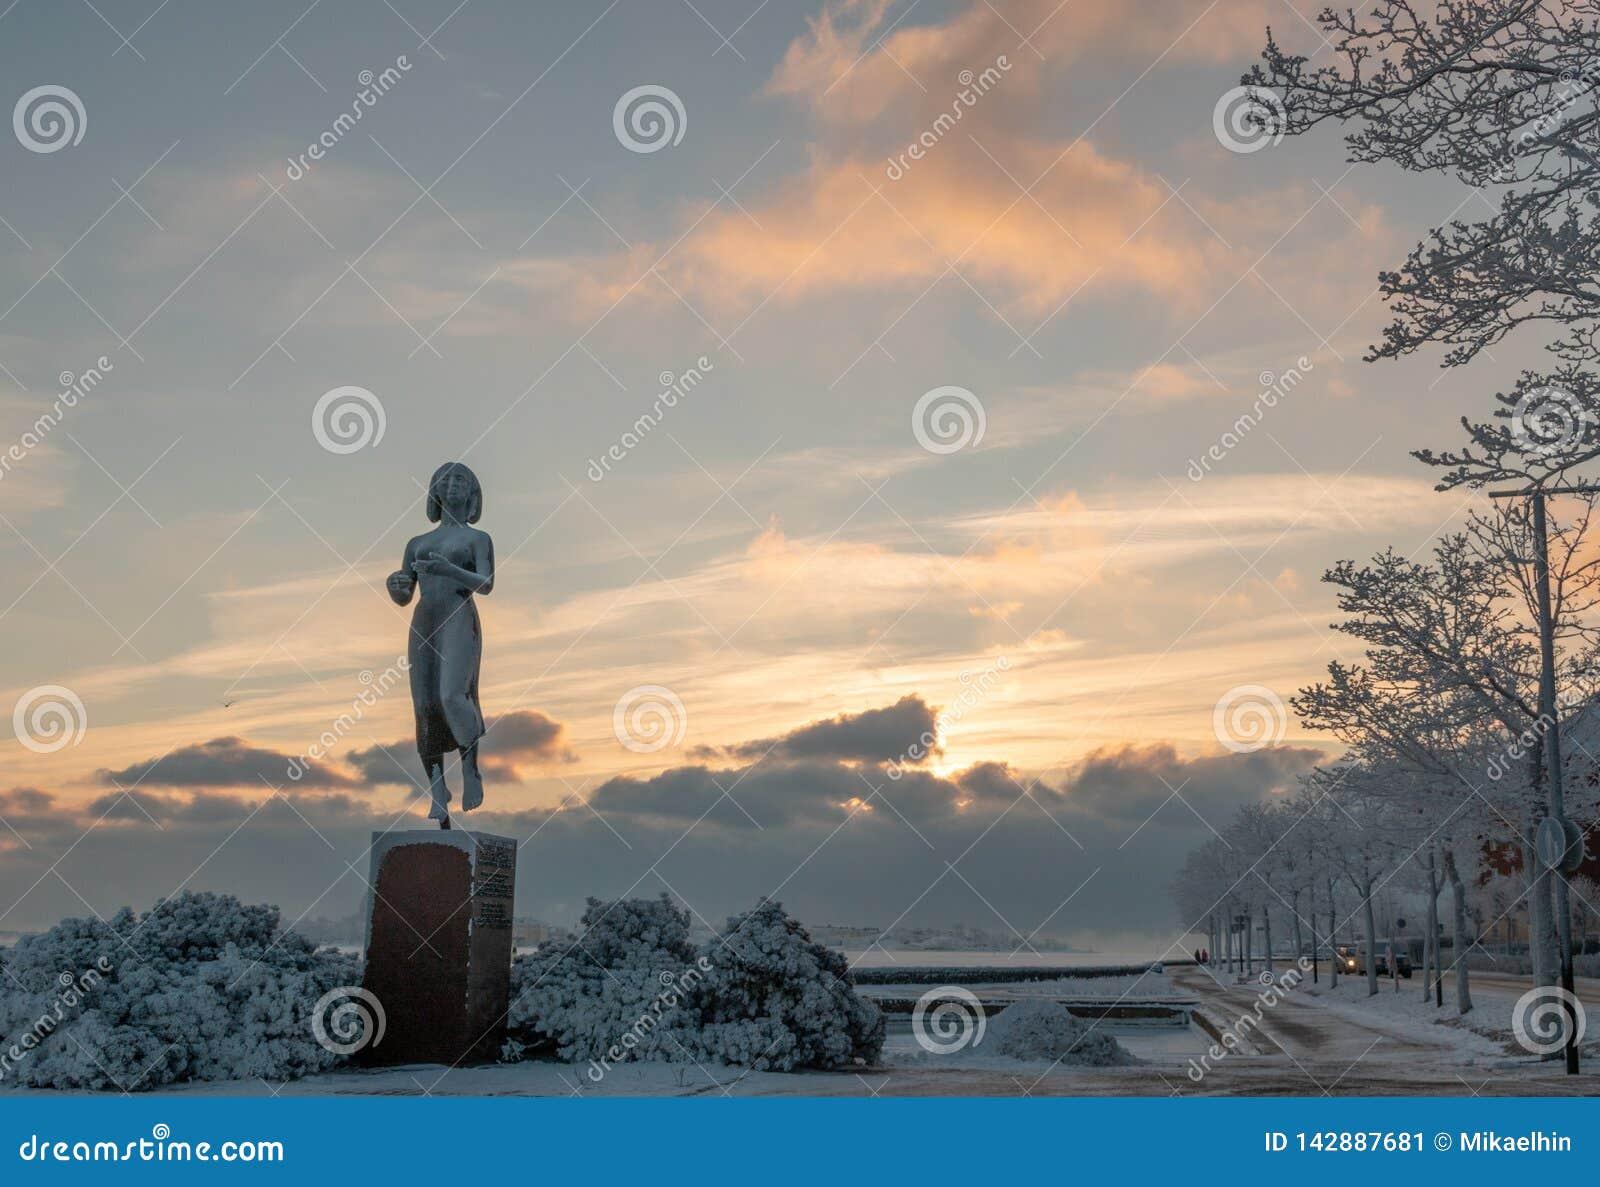 ХЕЛЬСИНКИ, ФИНЛЯНДИЯ - 8-ое января 2015: Статуя Rauhanpatsas мира в Хельсинки, Финляндии в зиме